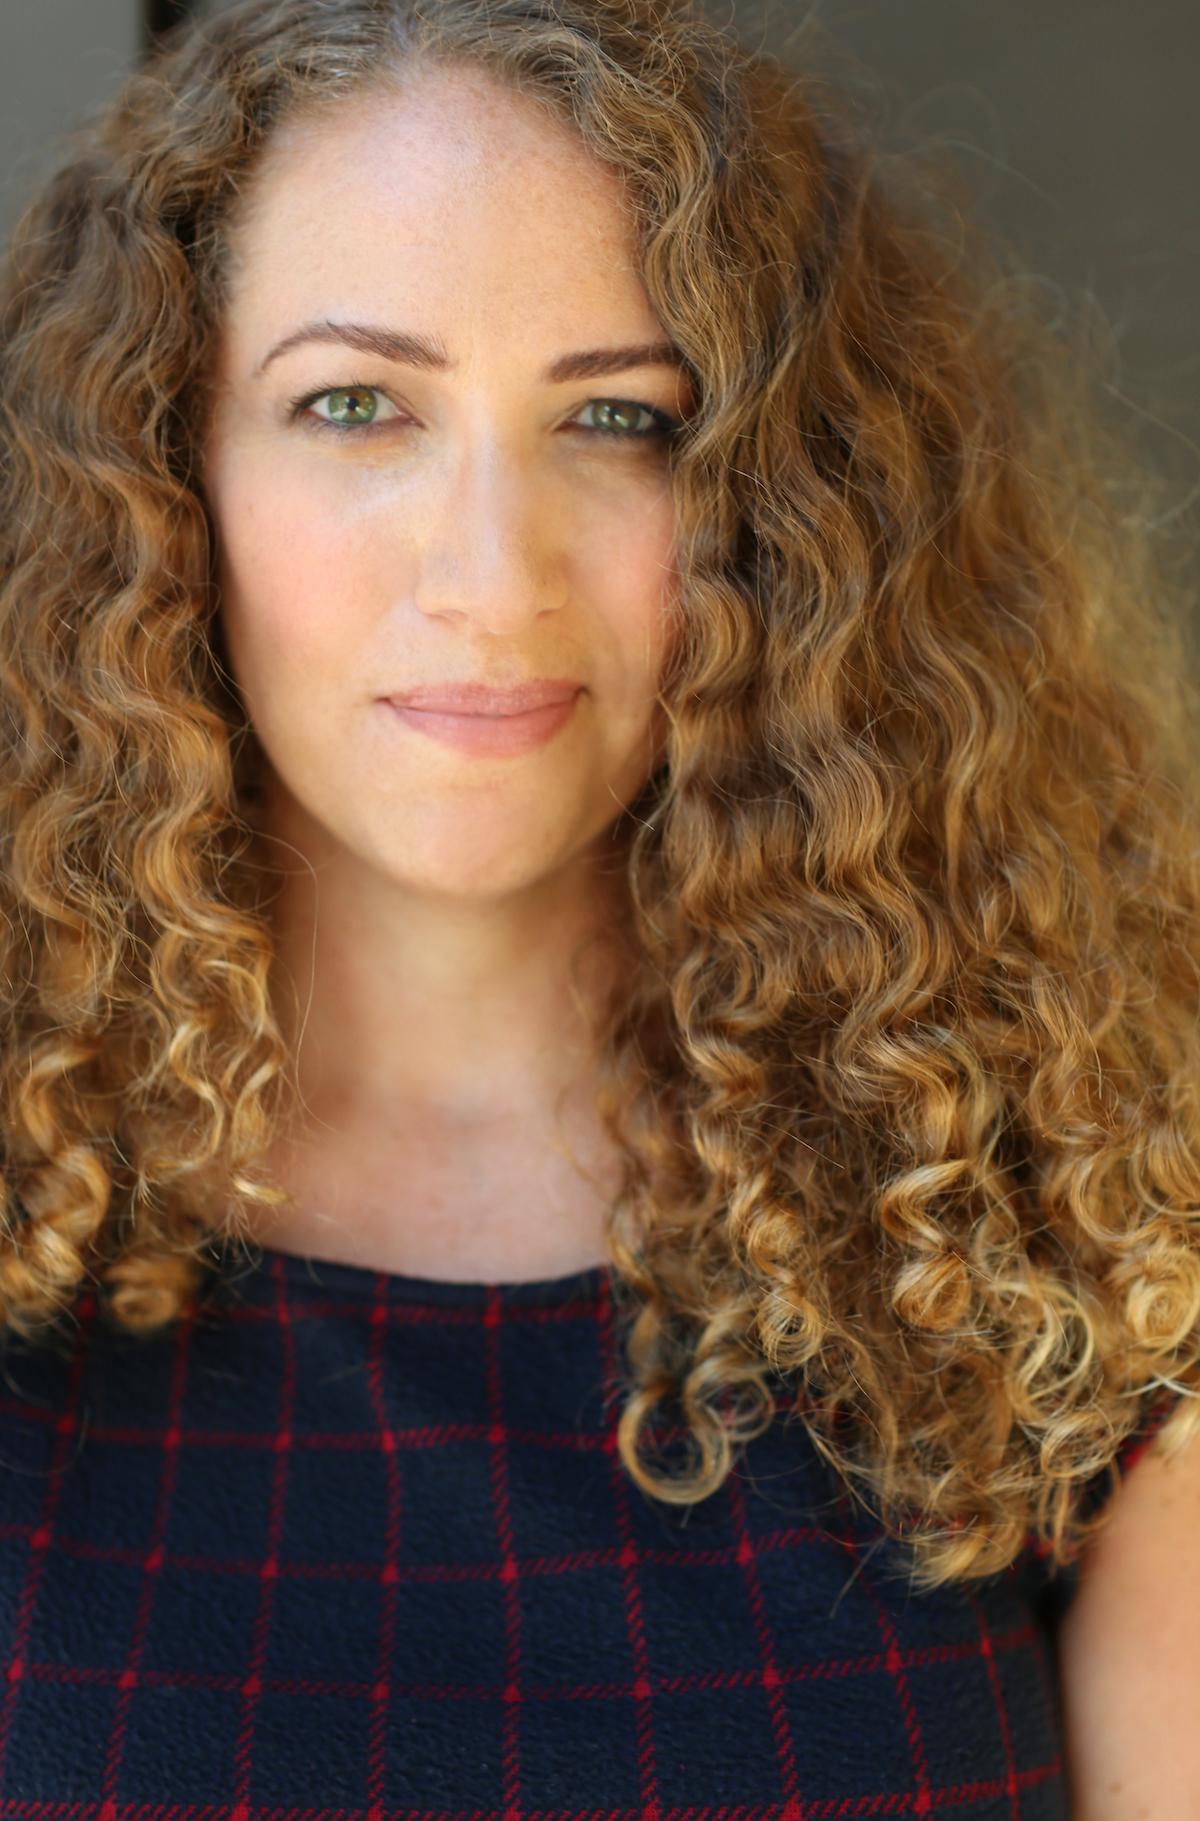 Rachel Bublitz